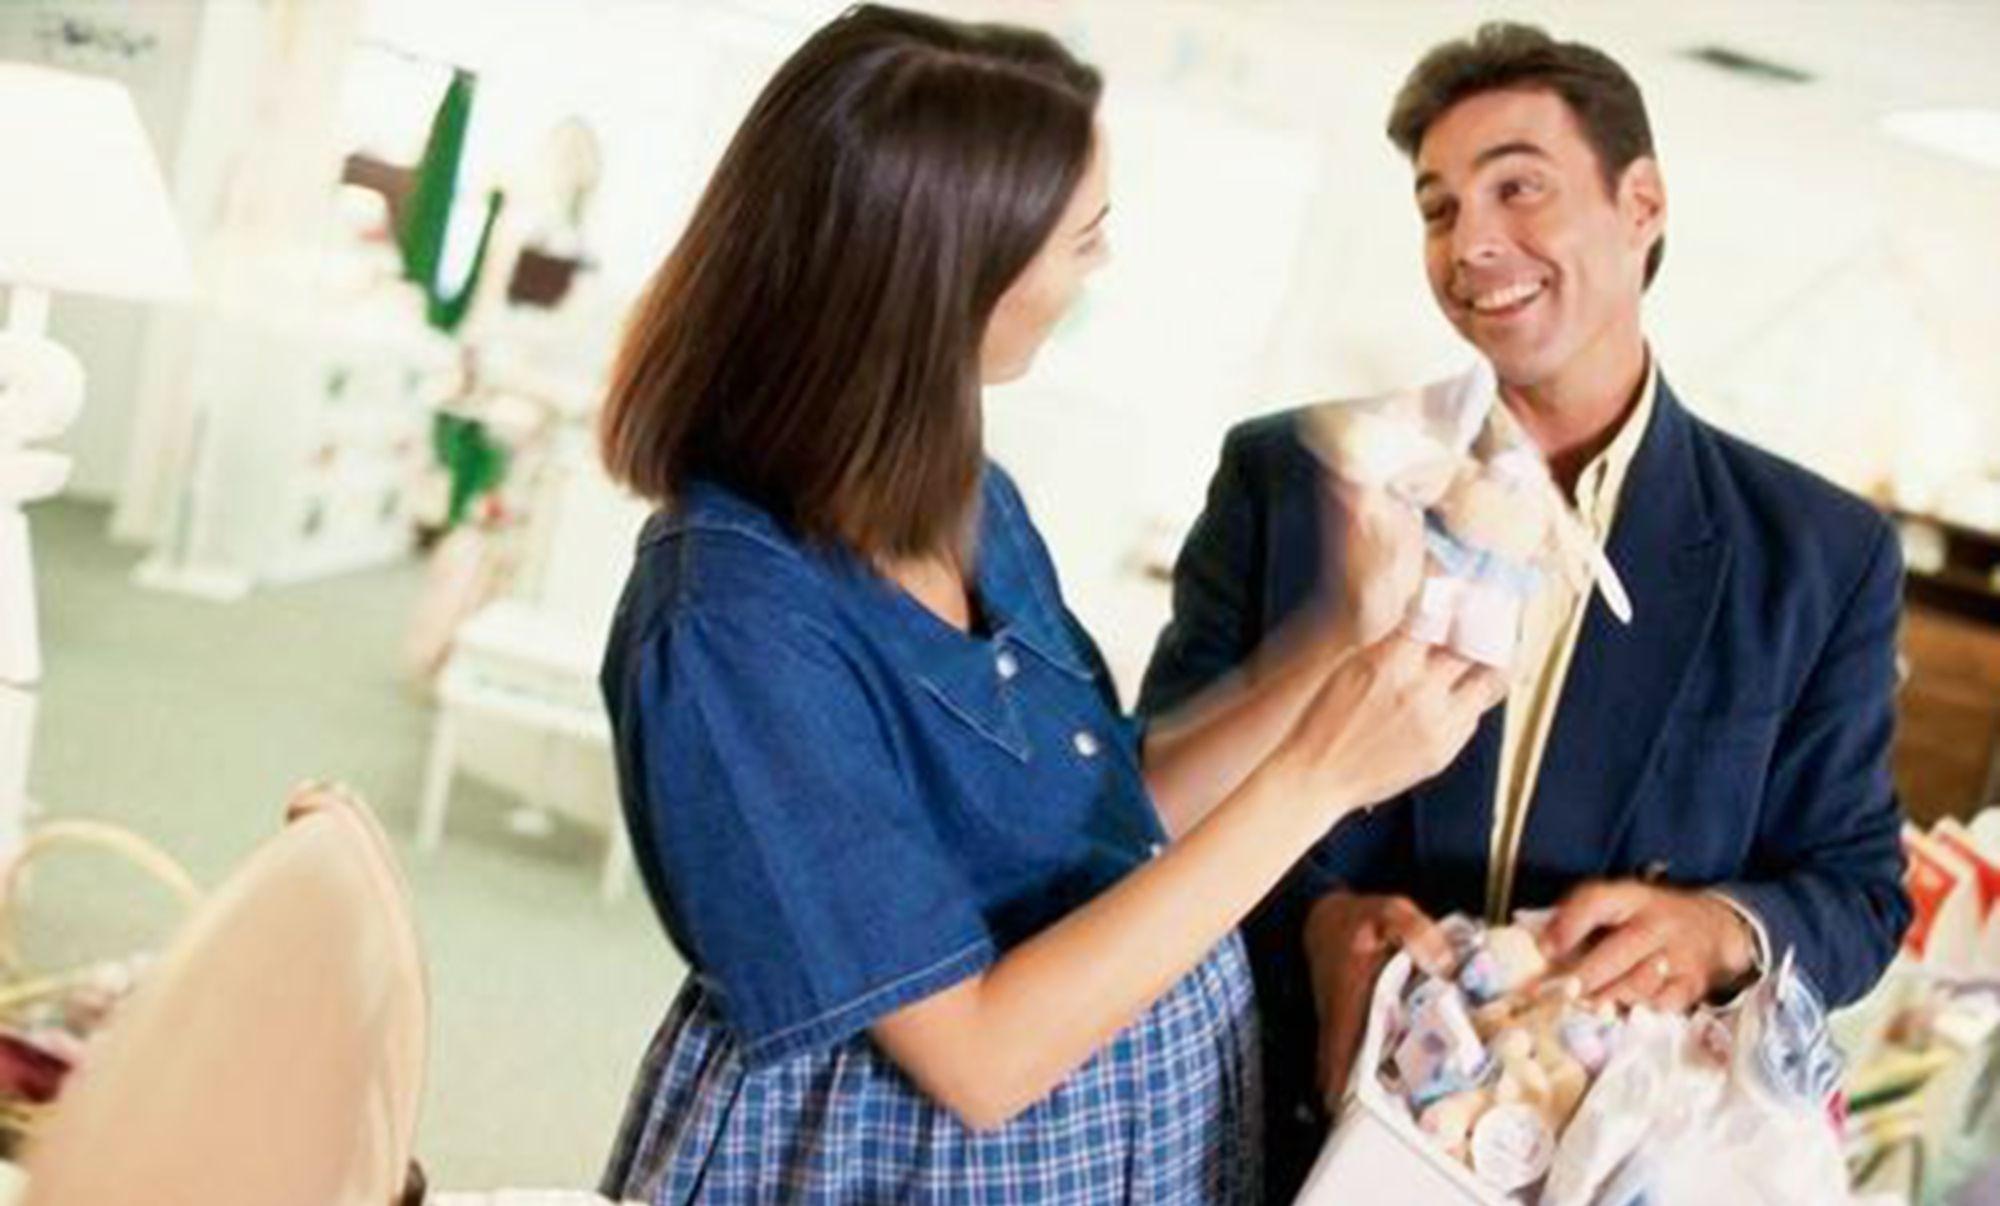 有几种物品分娩前要放在待产包,产后马上要用到,孕妈要提前准备